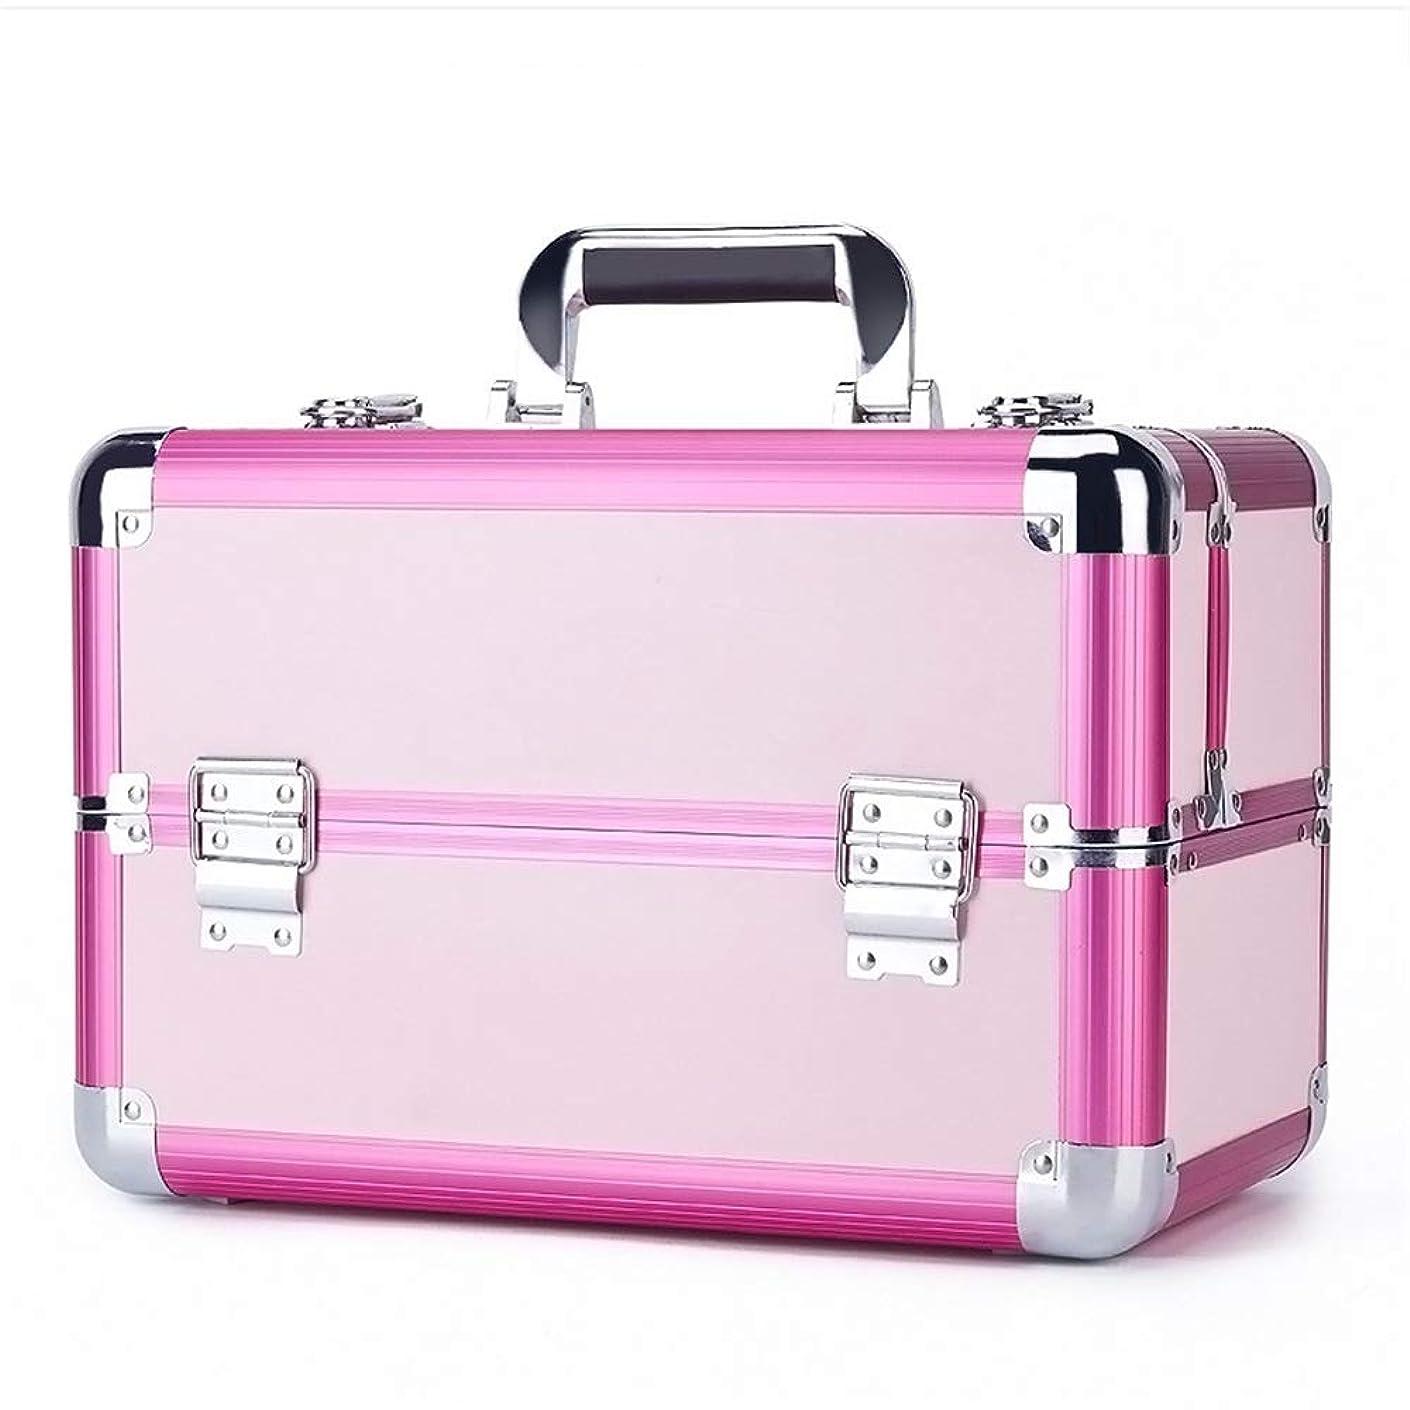 文句を言う子猫公演化粧オーガナイザーバッグ 旅行メイクアップバッグパターンメイクアップアーティストケーストレインボックス化粧品オーガナイザー収納用十代の女の子女性アーティスト 化粧品ケース (色 : ピンク)